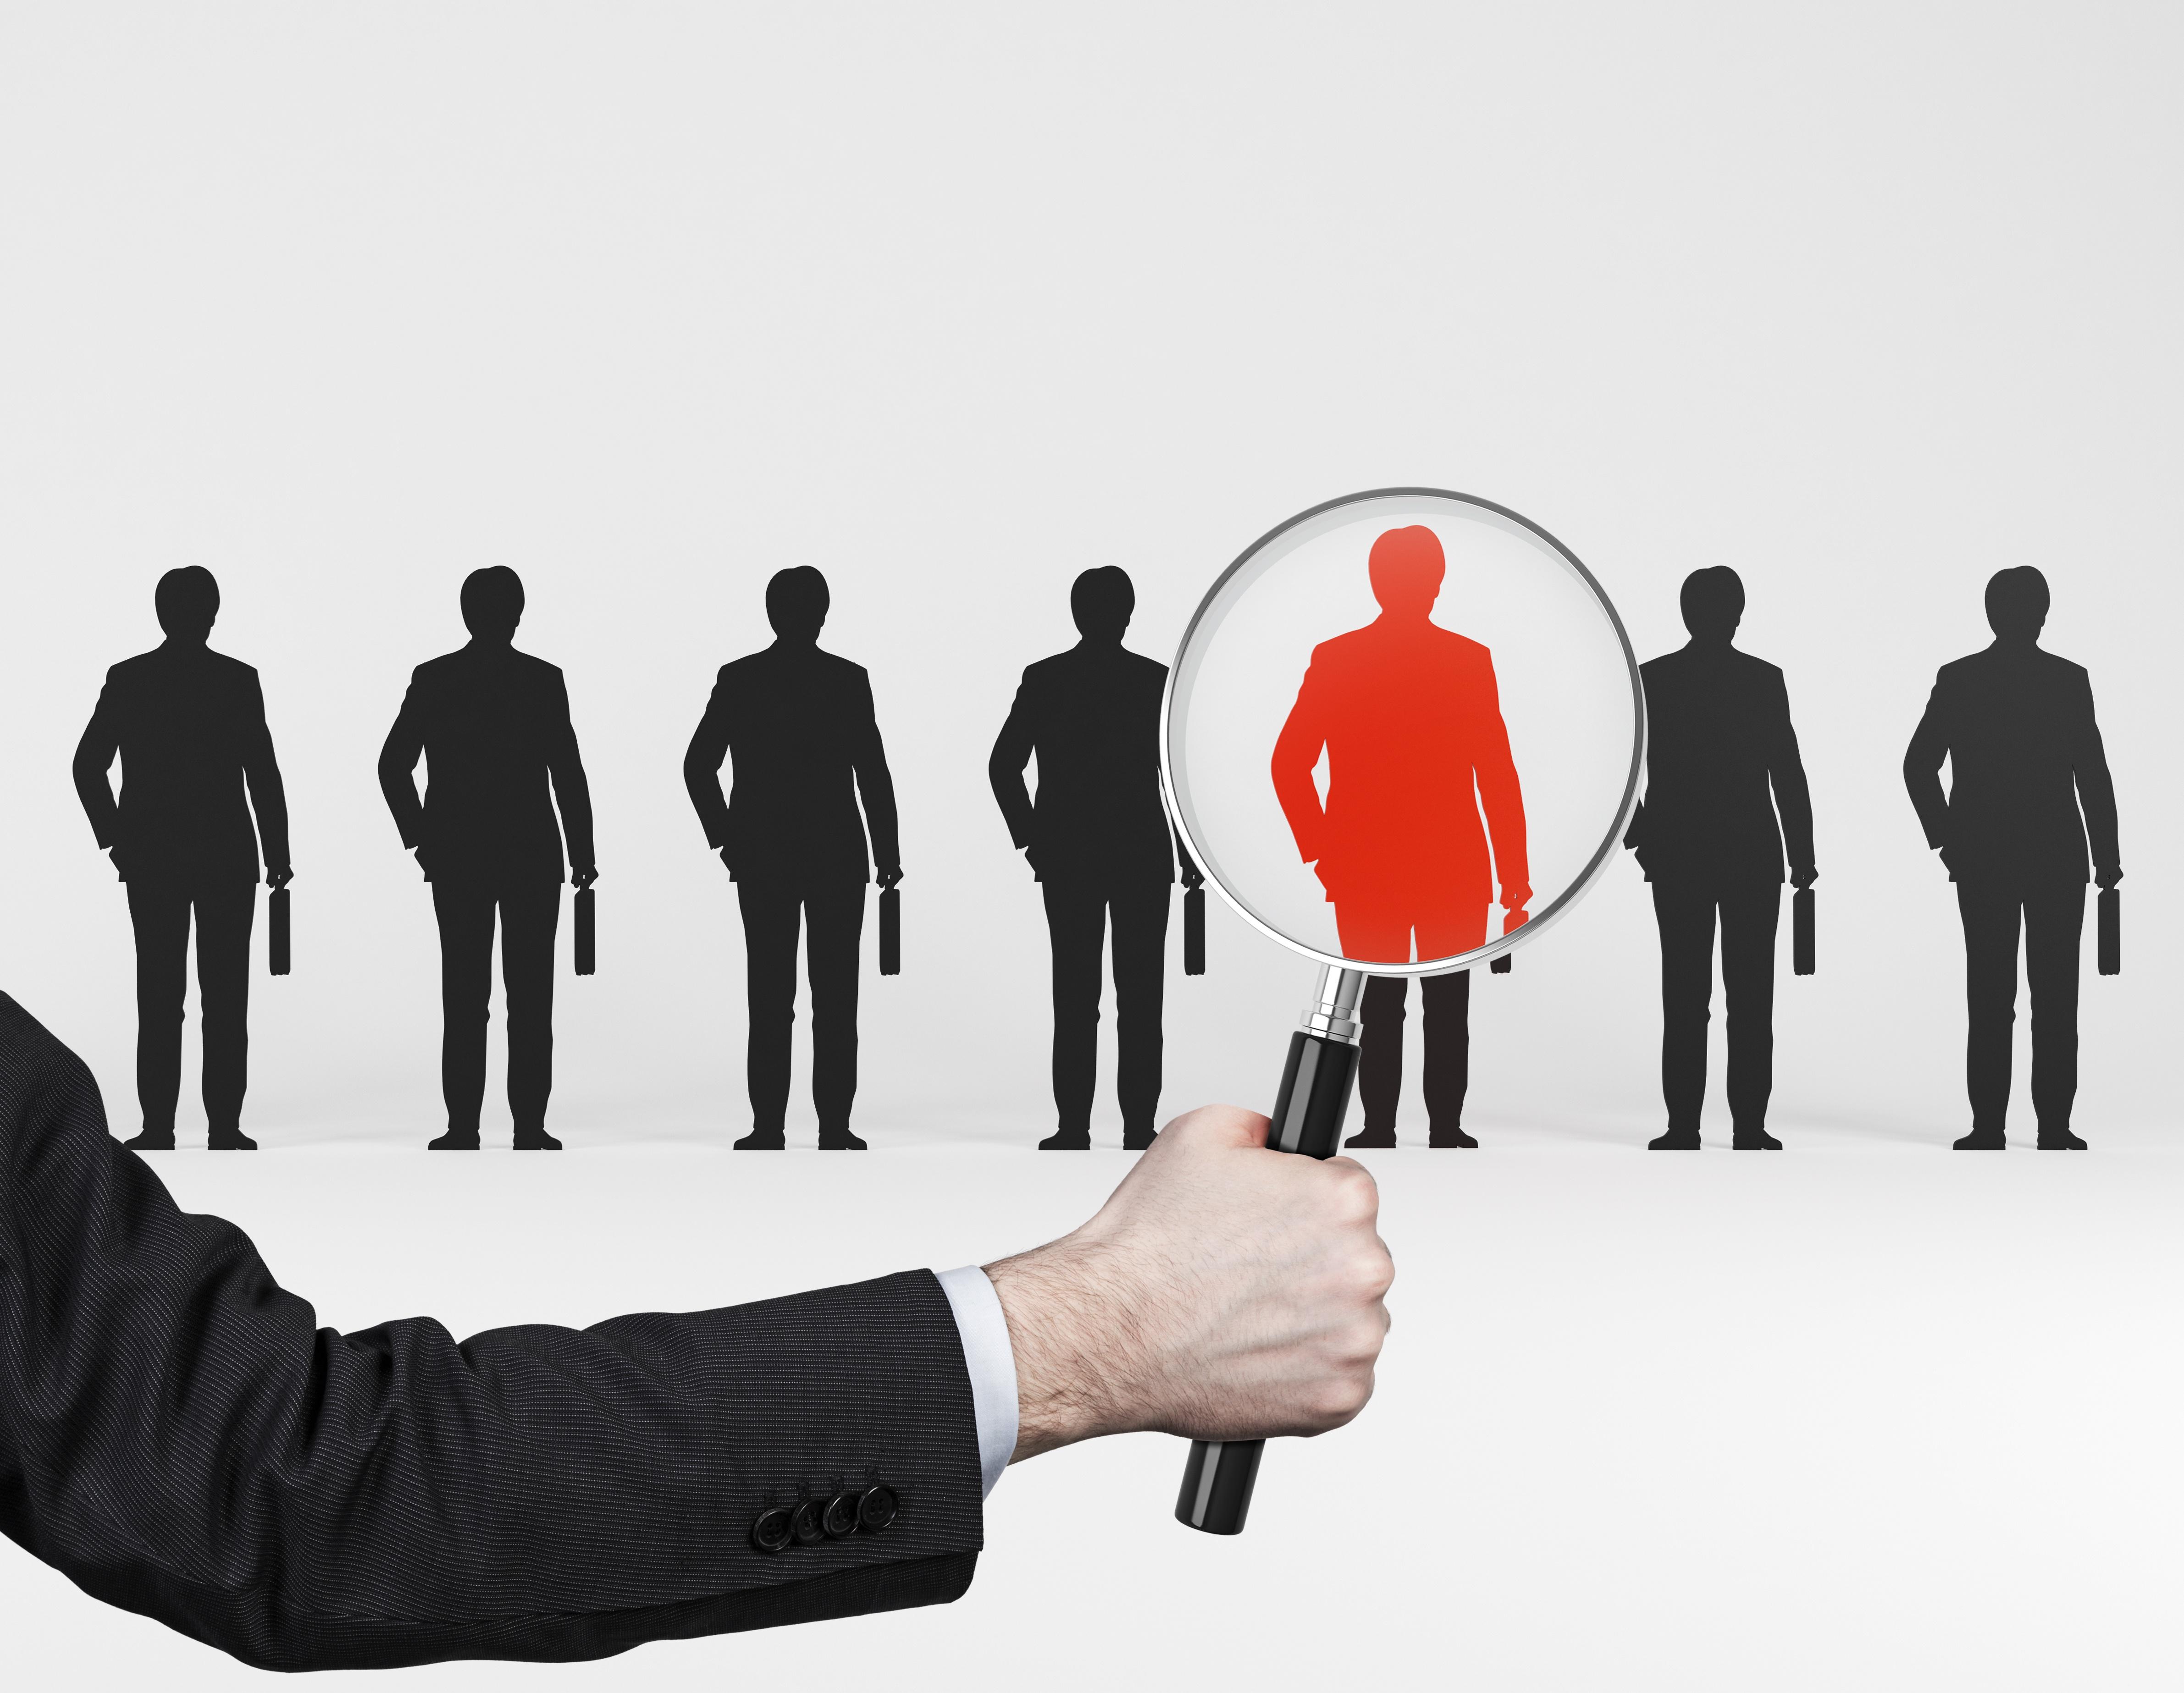 Вологодское правительство разработало критерии оценки для будущих сити-менеджеров